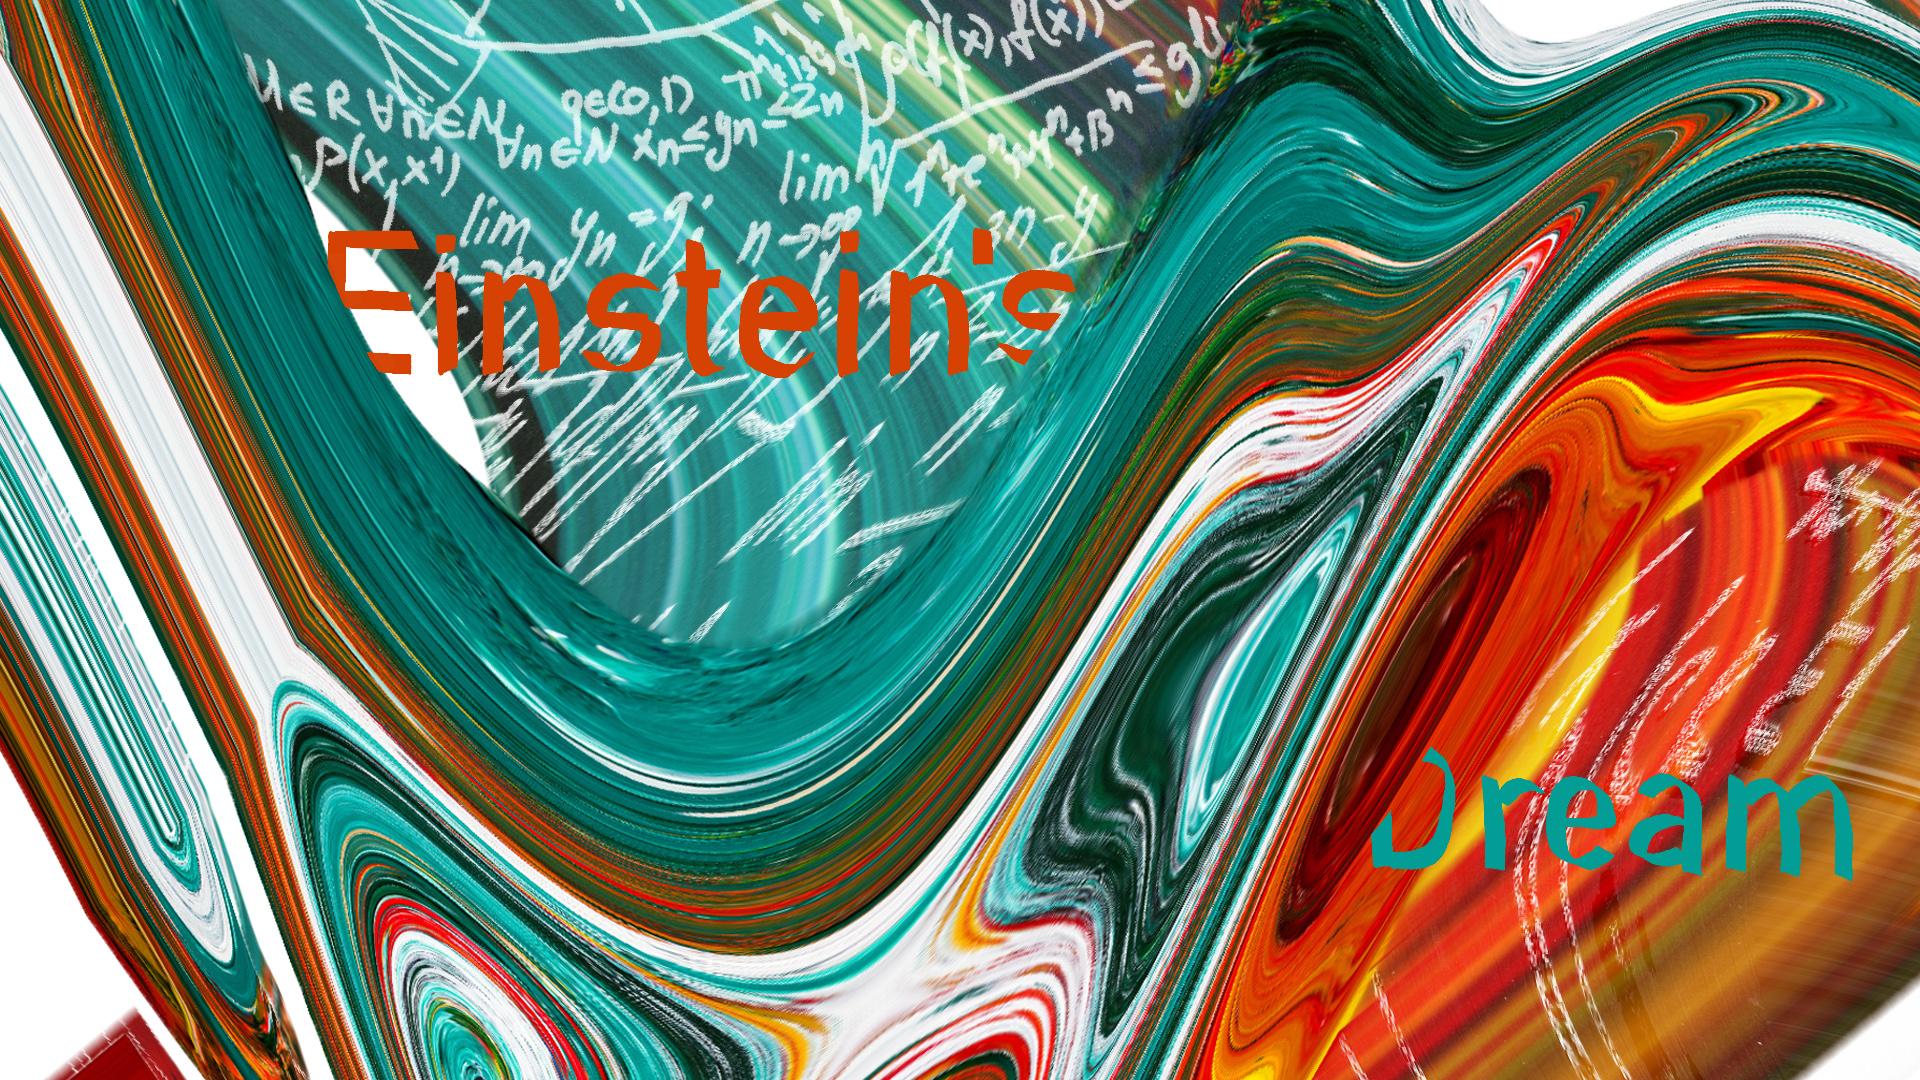 EinsteinsDream_title.jpg